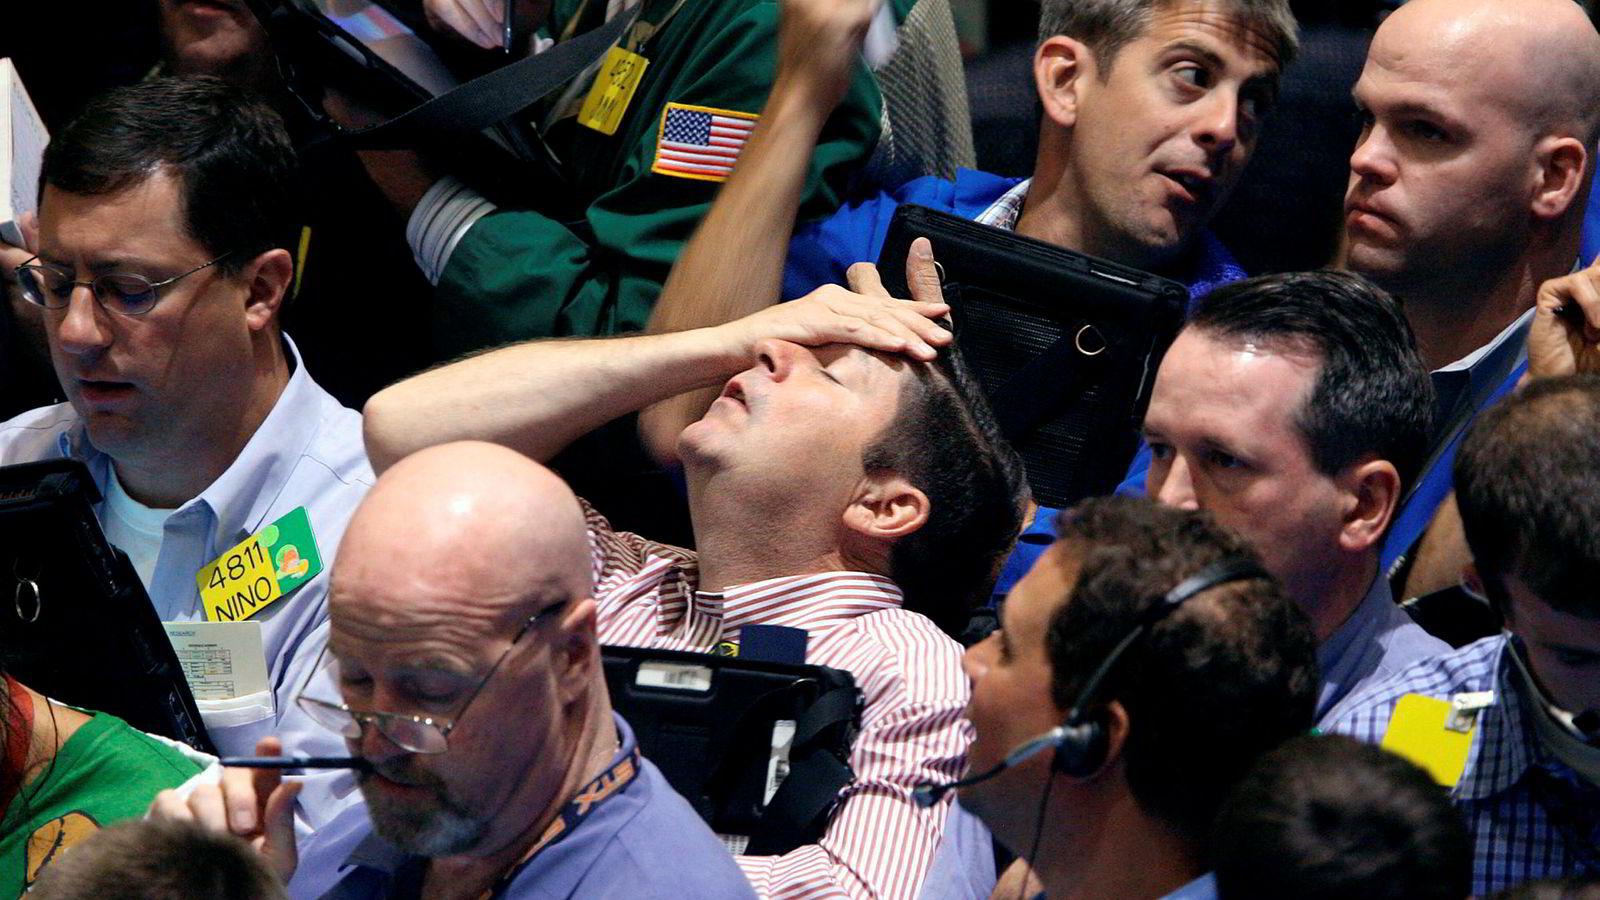 Det er ikke et jubileum som forbigås i stillhet. De siste dagene har finans- og næringslivsaviser i inn- og utland vært fulle av stoff om de dramatiske døgnene da kongene på Wall Street plutselig befant seg på fortauet med pappesker i armene og et vantro uttrykk i fjeset: Hvordan kunne dette skje?